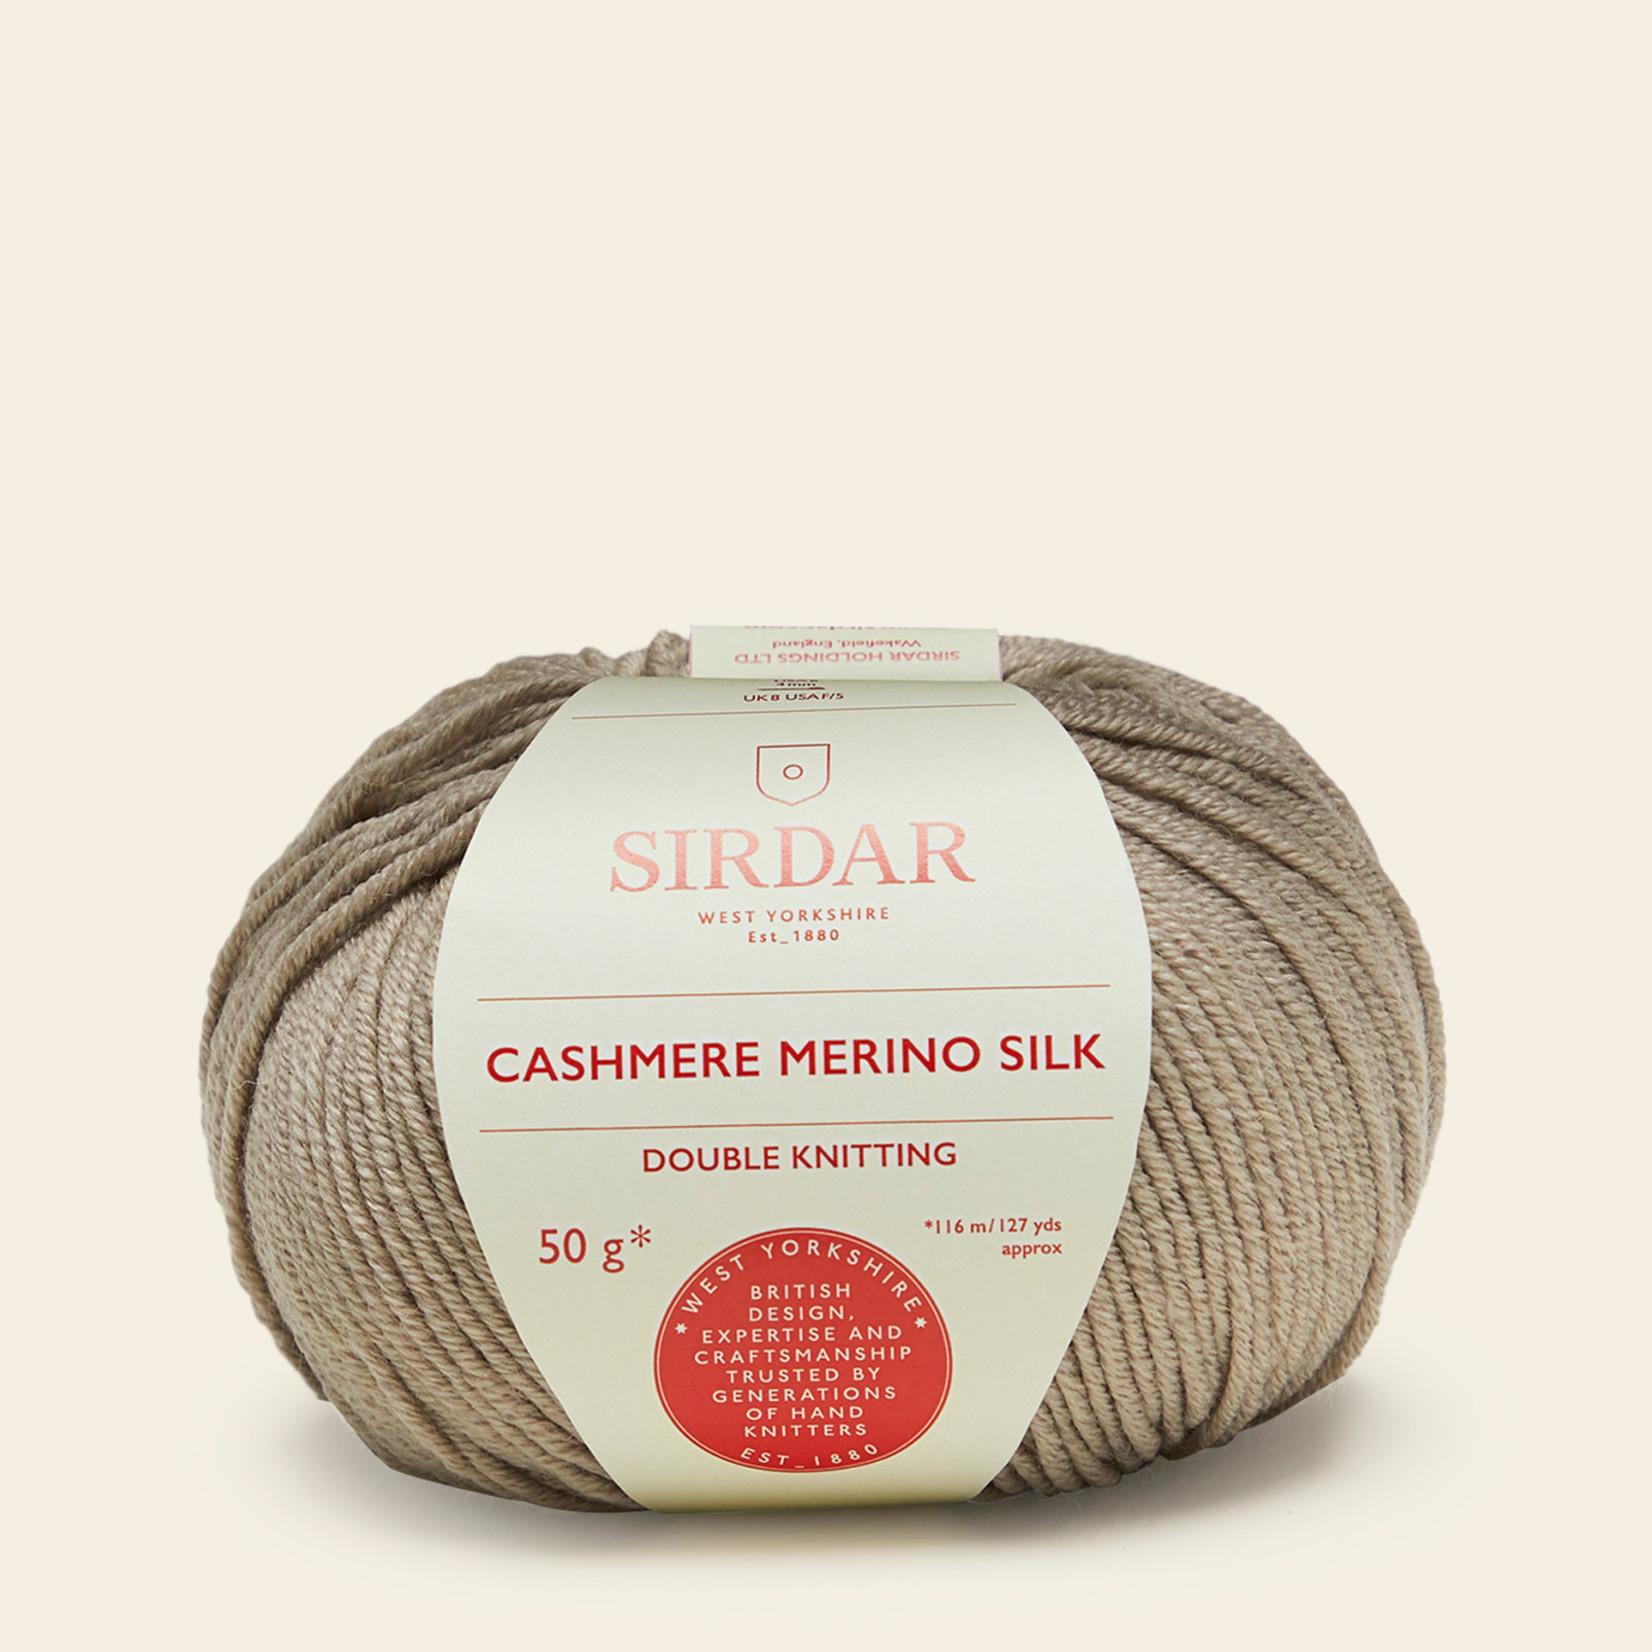 Sirdar Cashmere Merino Silk DK